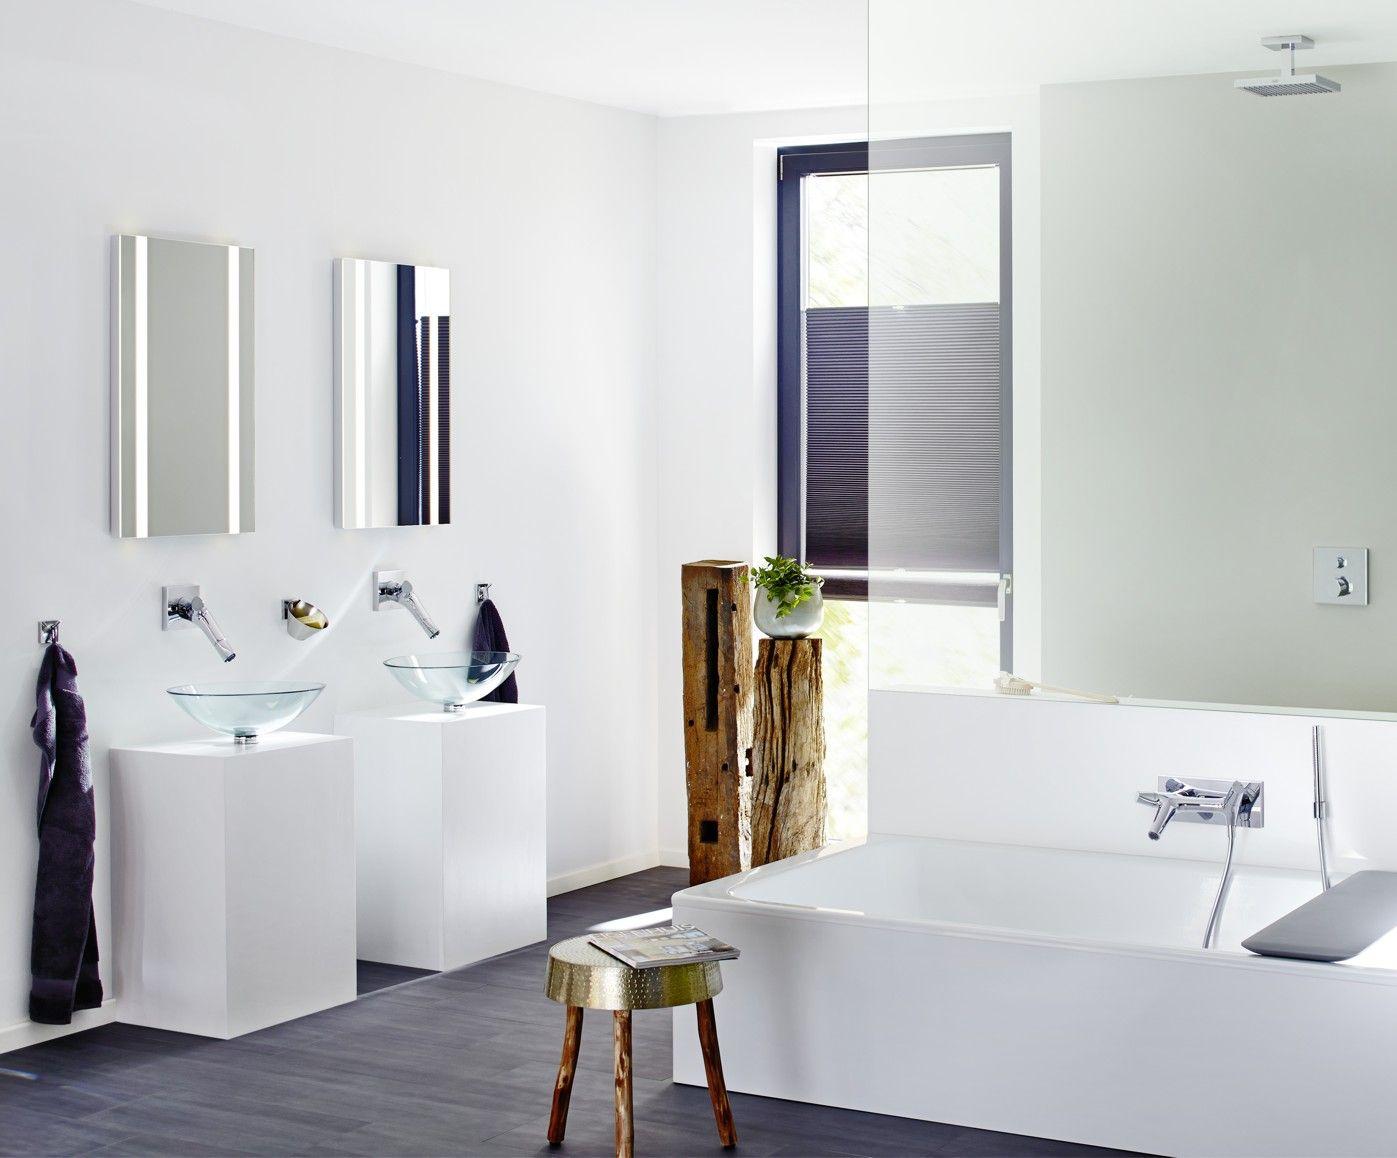 Badezimmer Idee Mit Unserem Bestseller YourStyle #yourstyle #lichtspiegel  #stylischesbadezimmer #zeitlos #